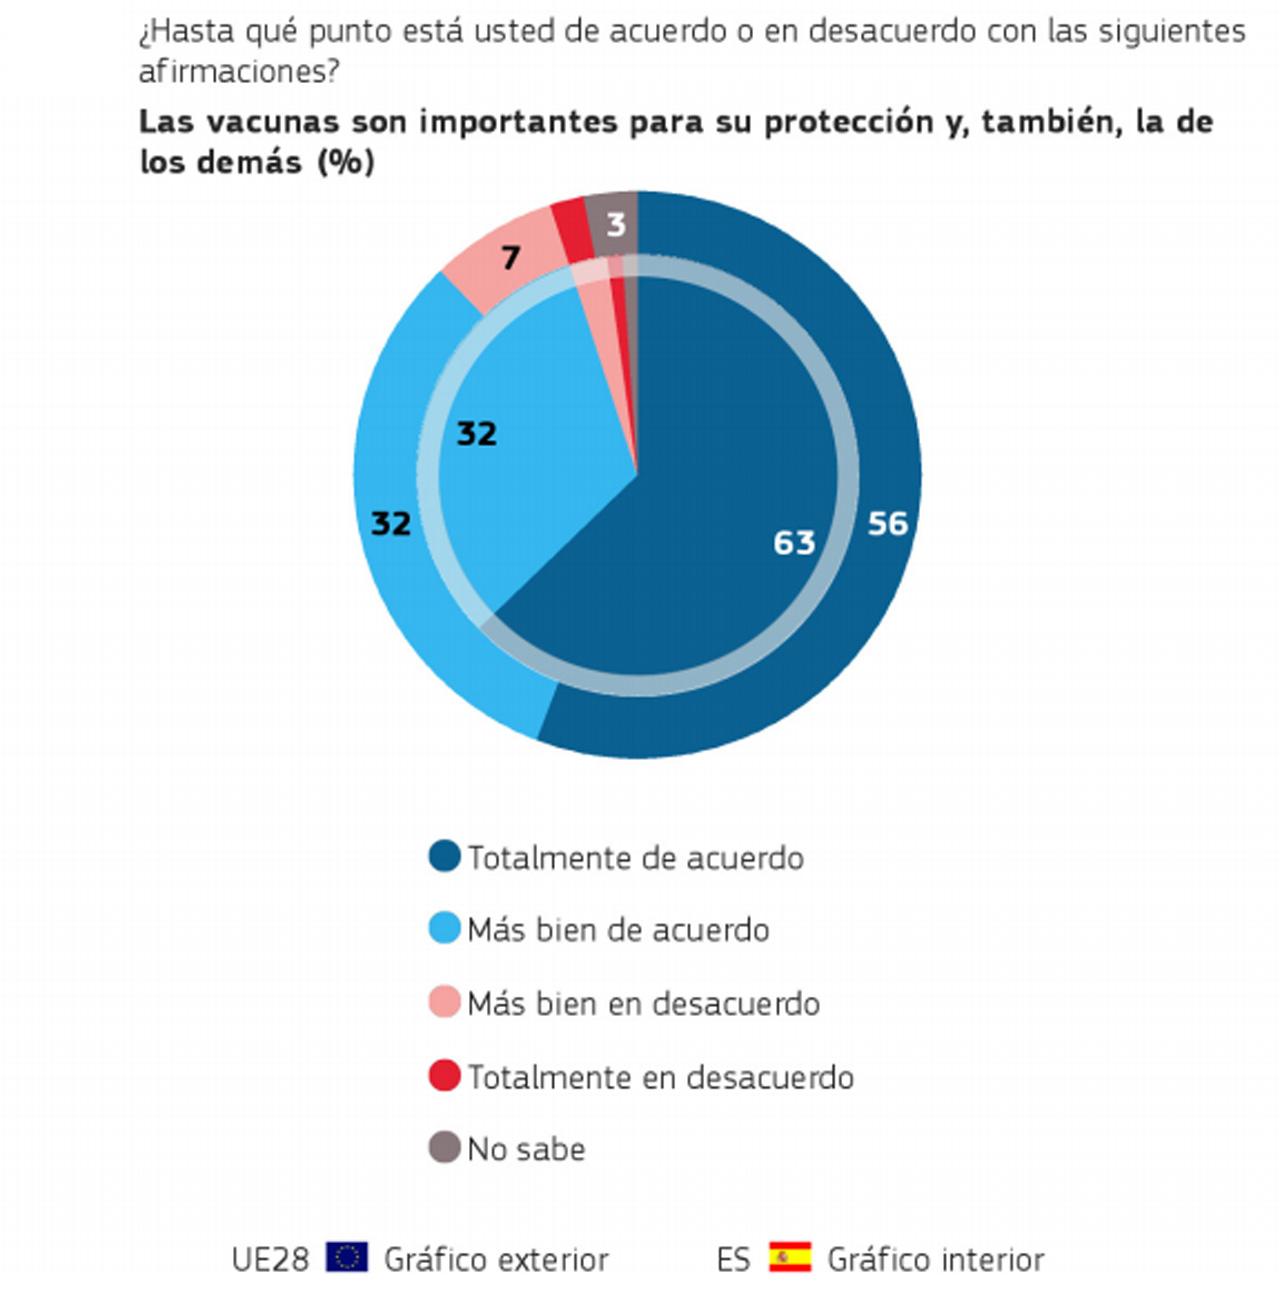 Pregunta del último barómetro de Sanidad, de marzo de 2019. Comparativa entre la respuesta de la media europea y la de España.